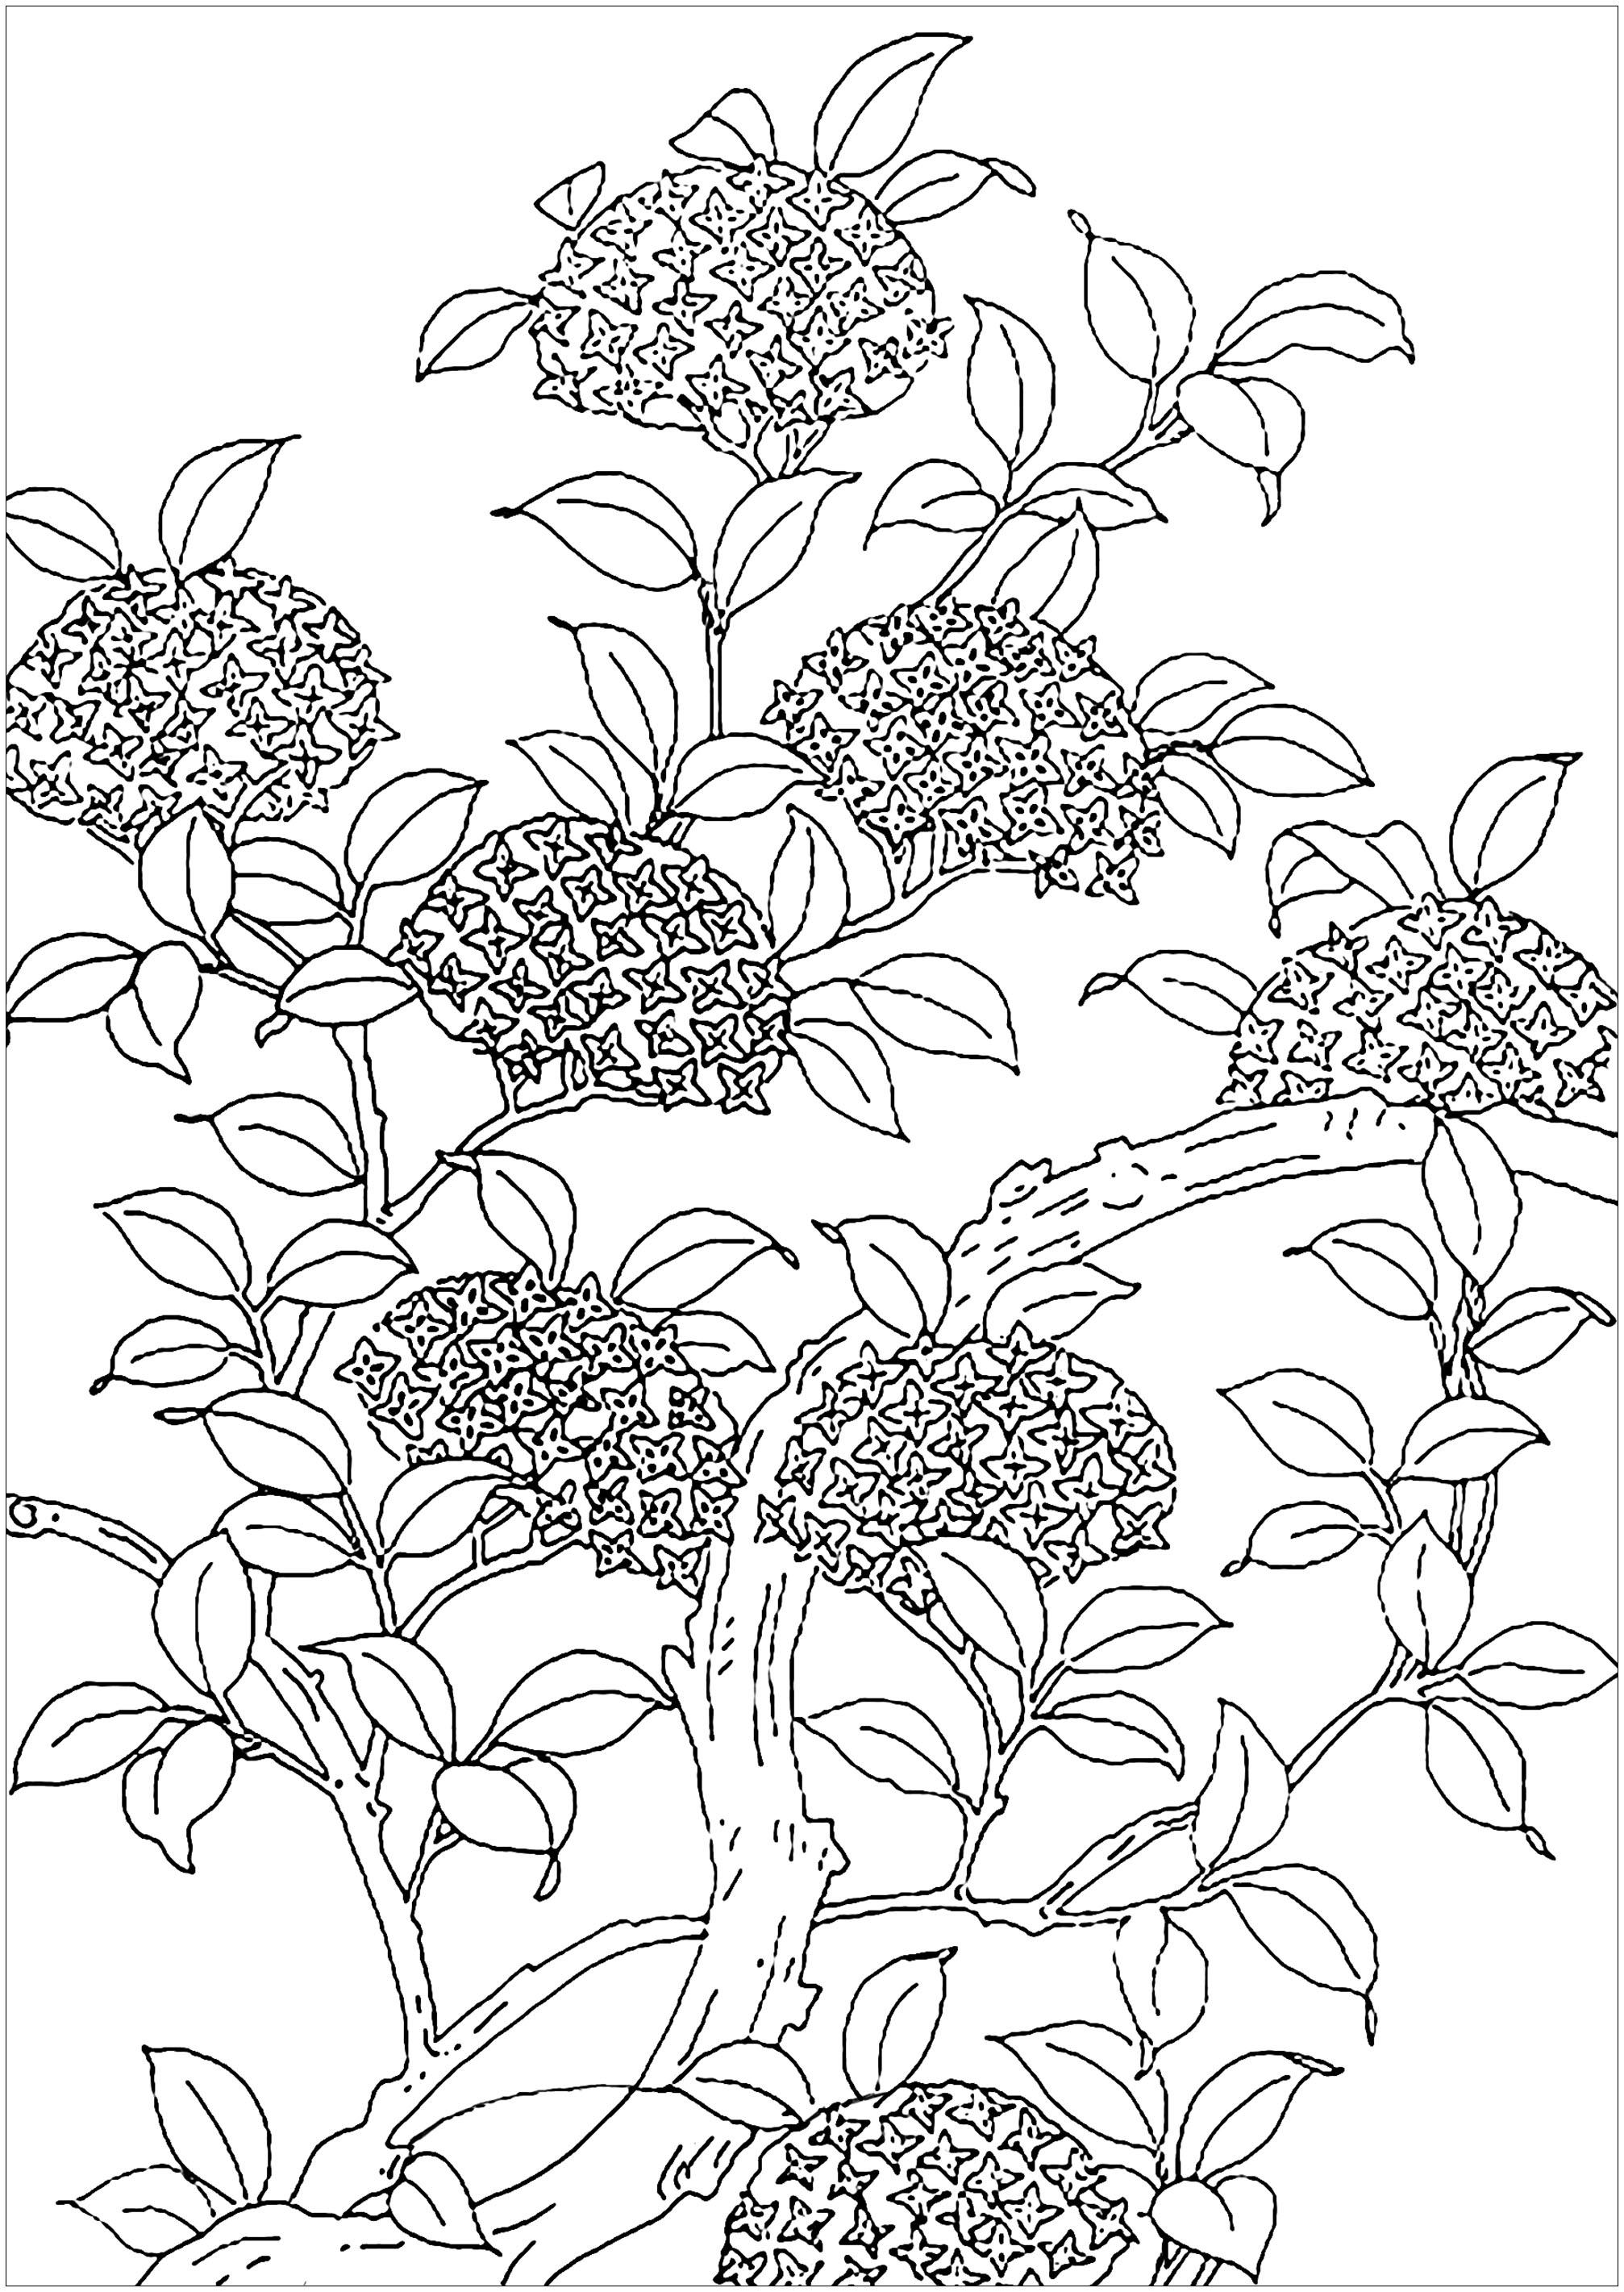 Malbuch Fur Erwachsene  : Blumen & Vegetation - 2